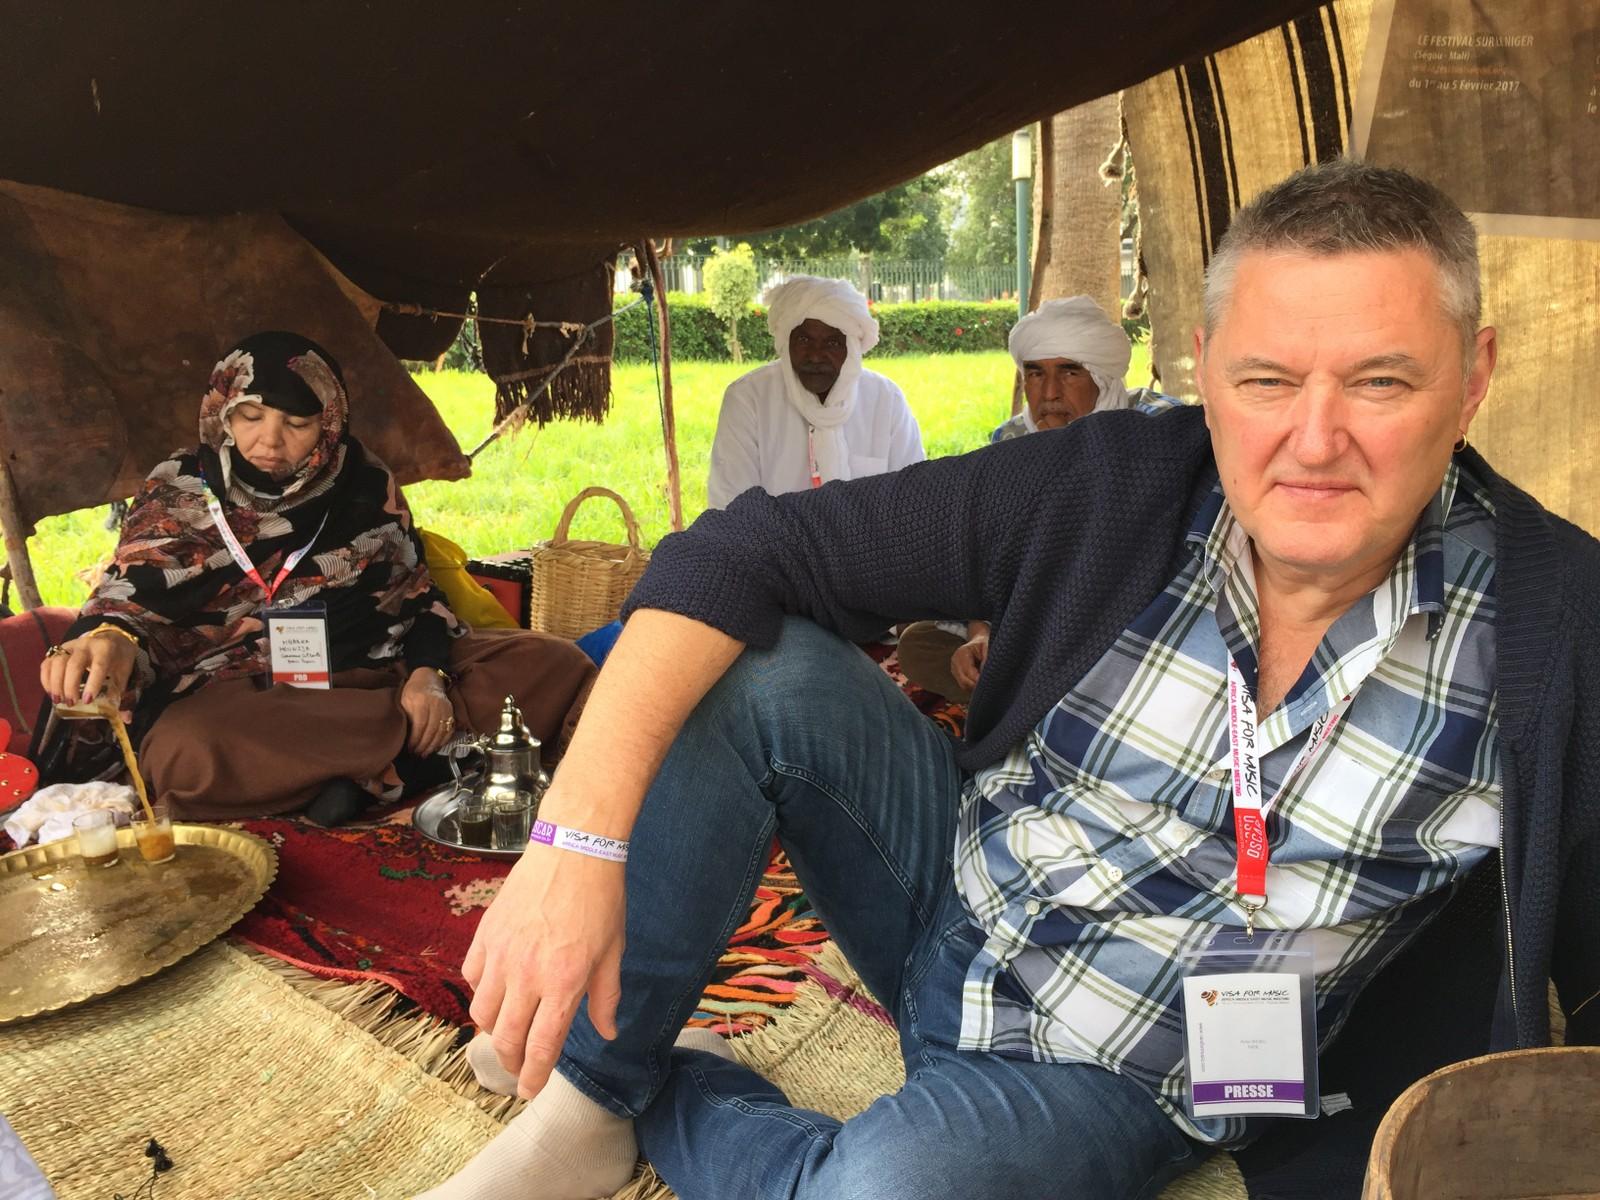 I Rabat. Te-seremoni med beduiner. Det tok sin tid. To timer.